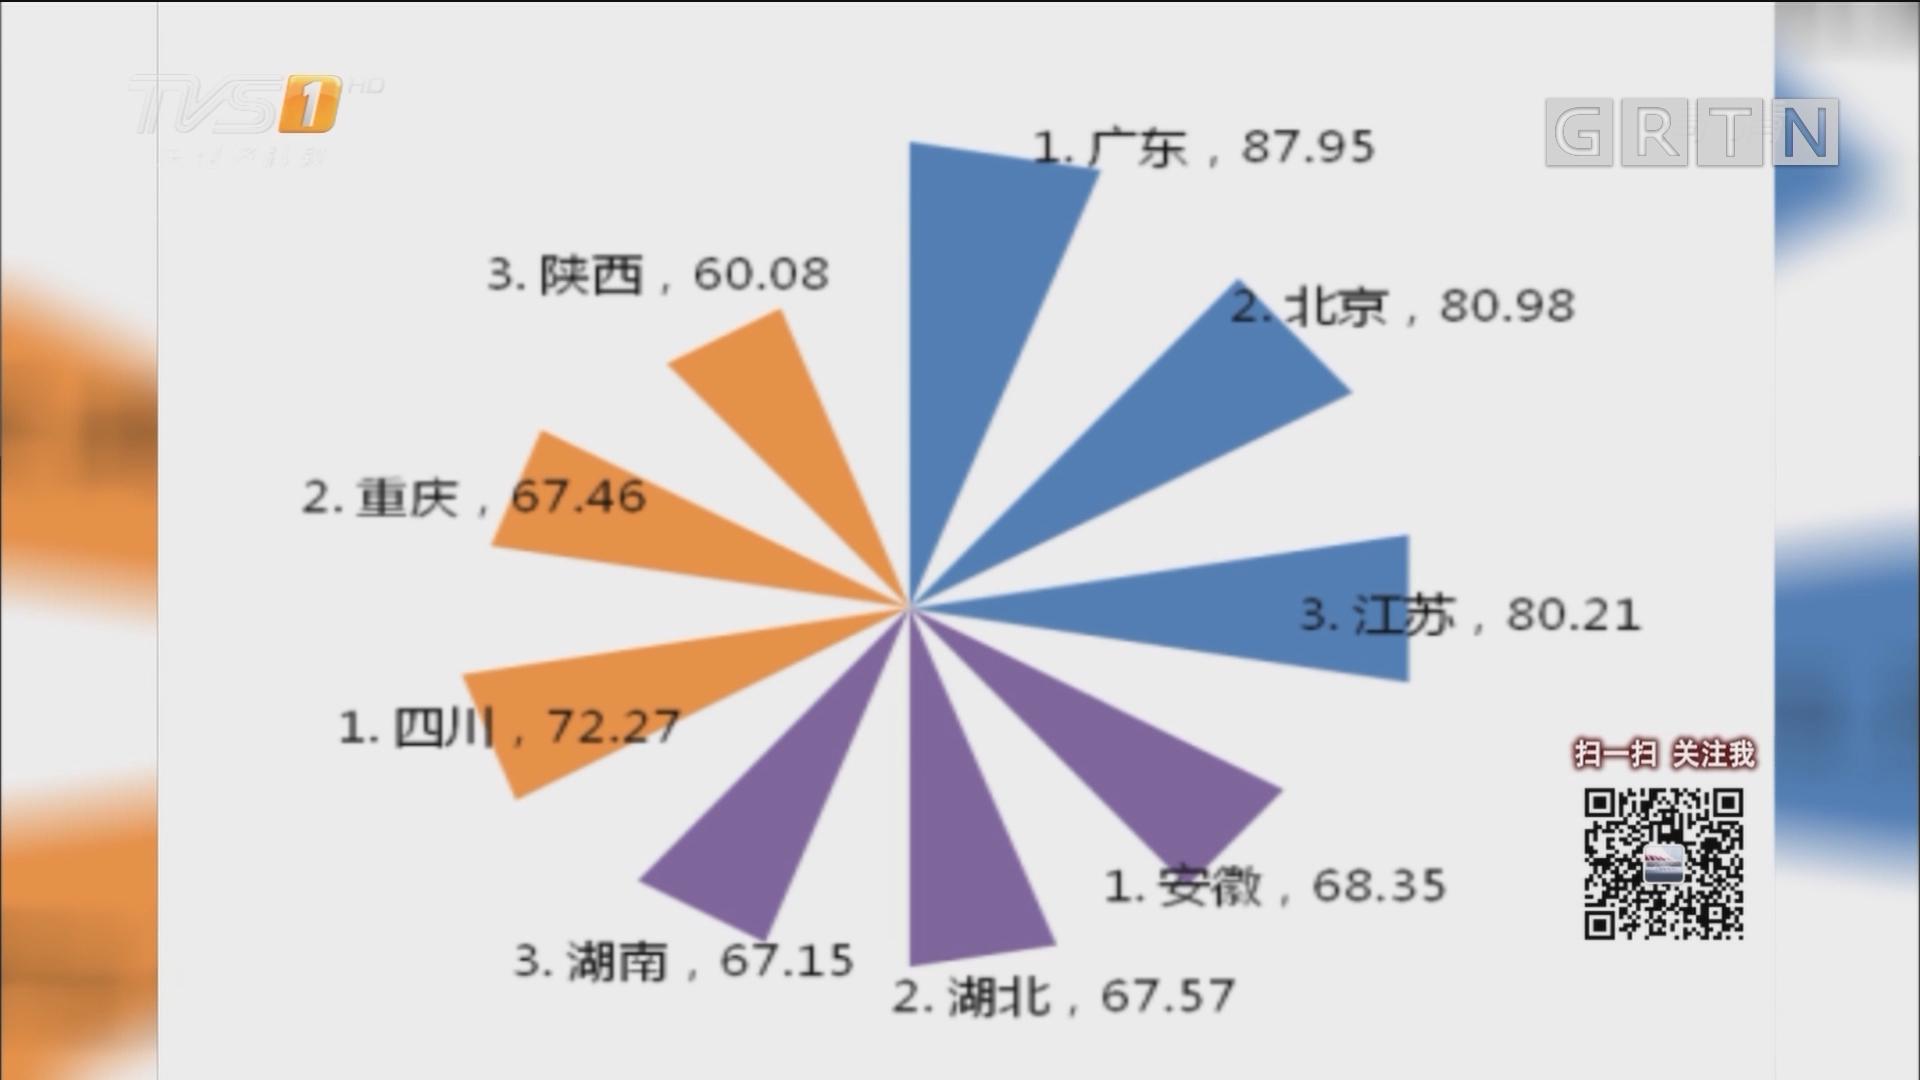 国家知识产权局:广东 北京 江苏位列2017年全国专利实力前三